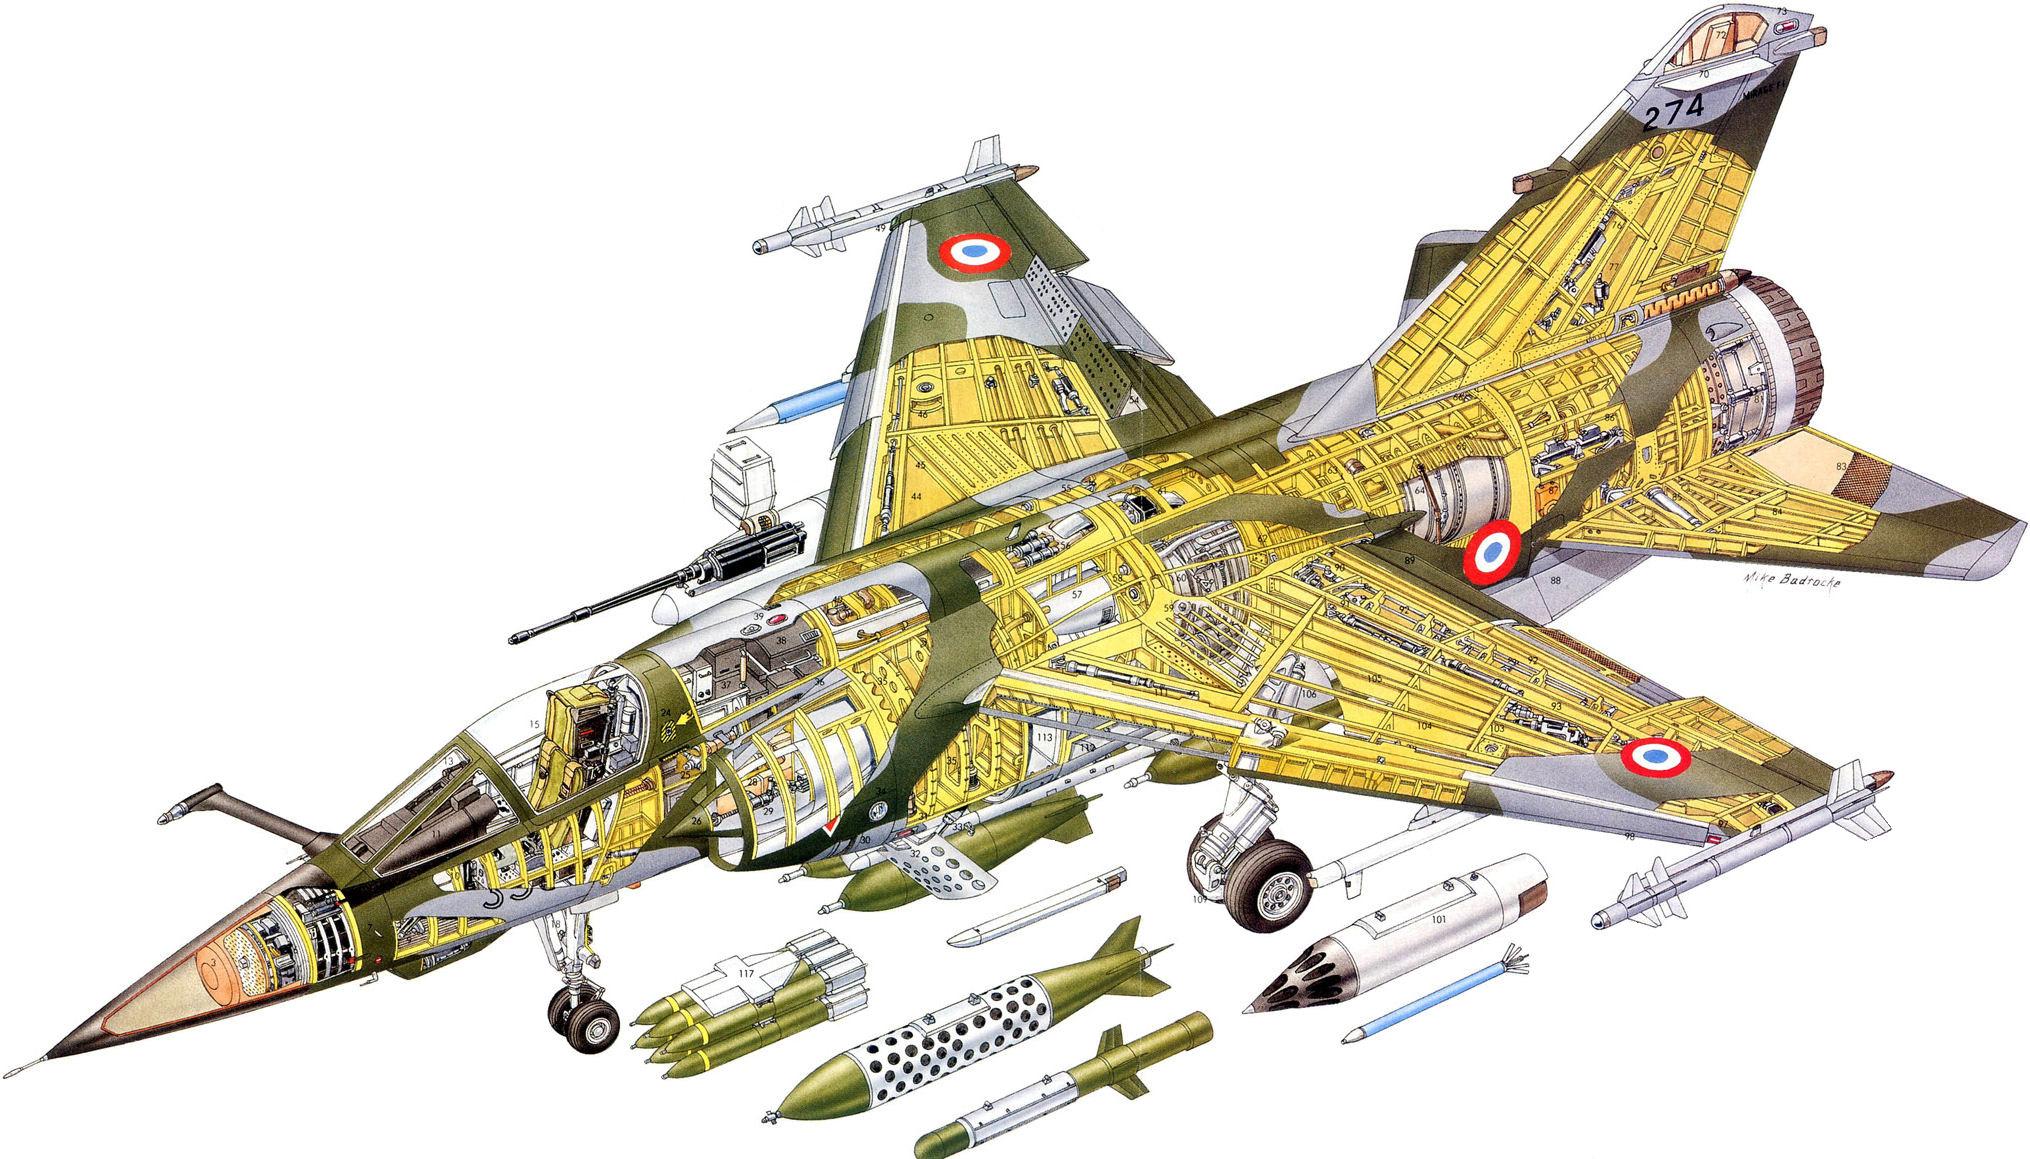 Dassault Mirage F1 cutaway